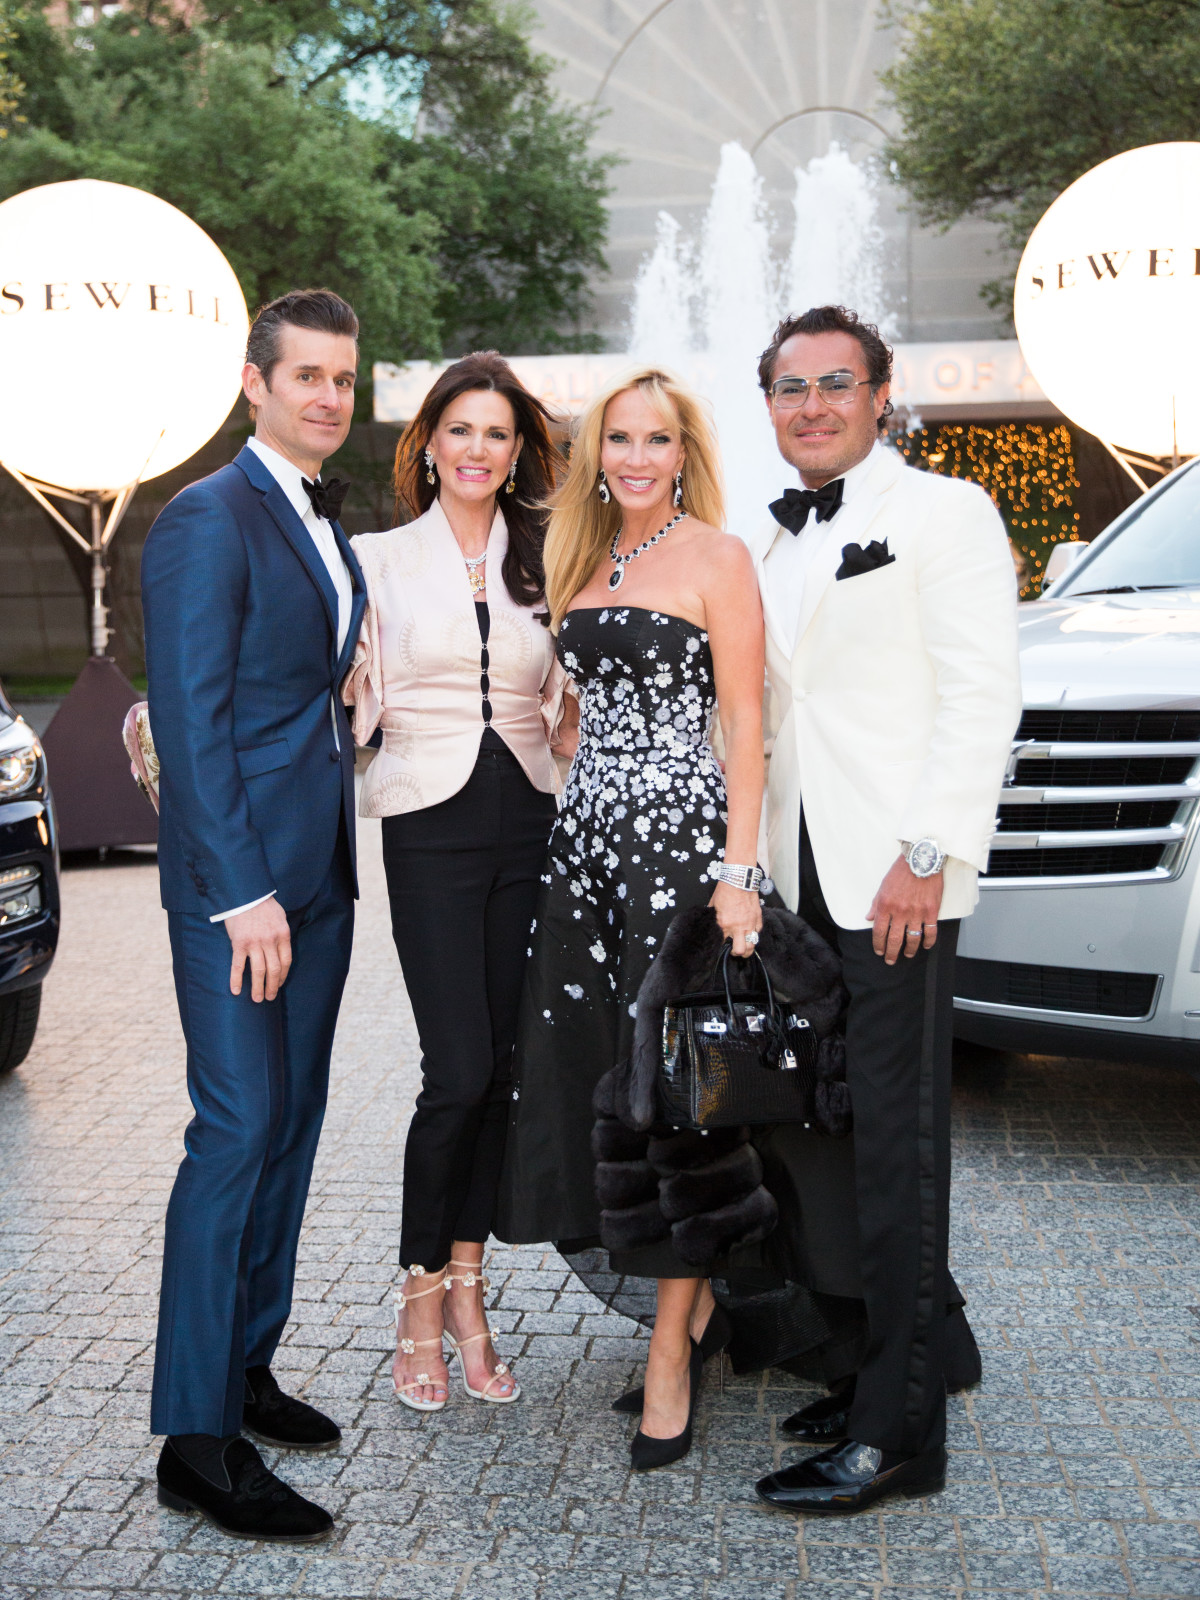 Douglas Carney, Dallas Snadon, Nancy Rogers, Michael Flores